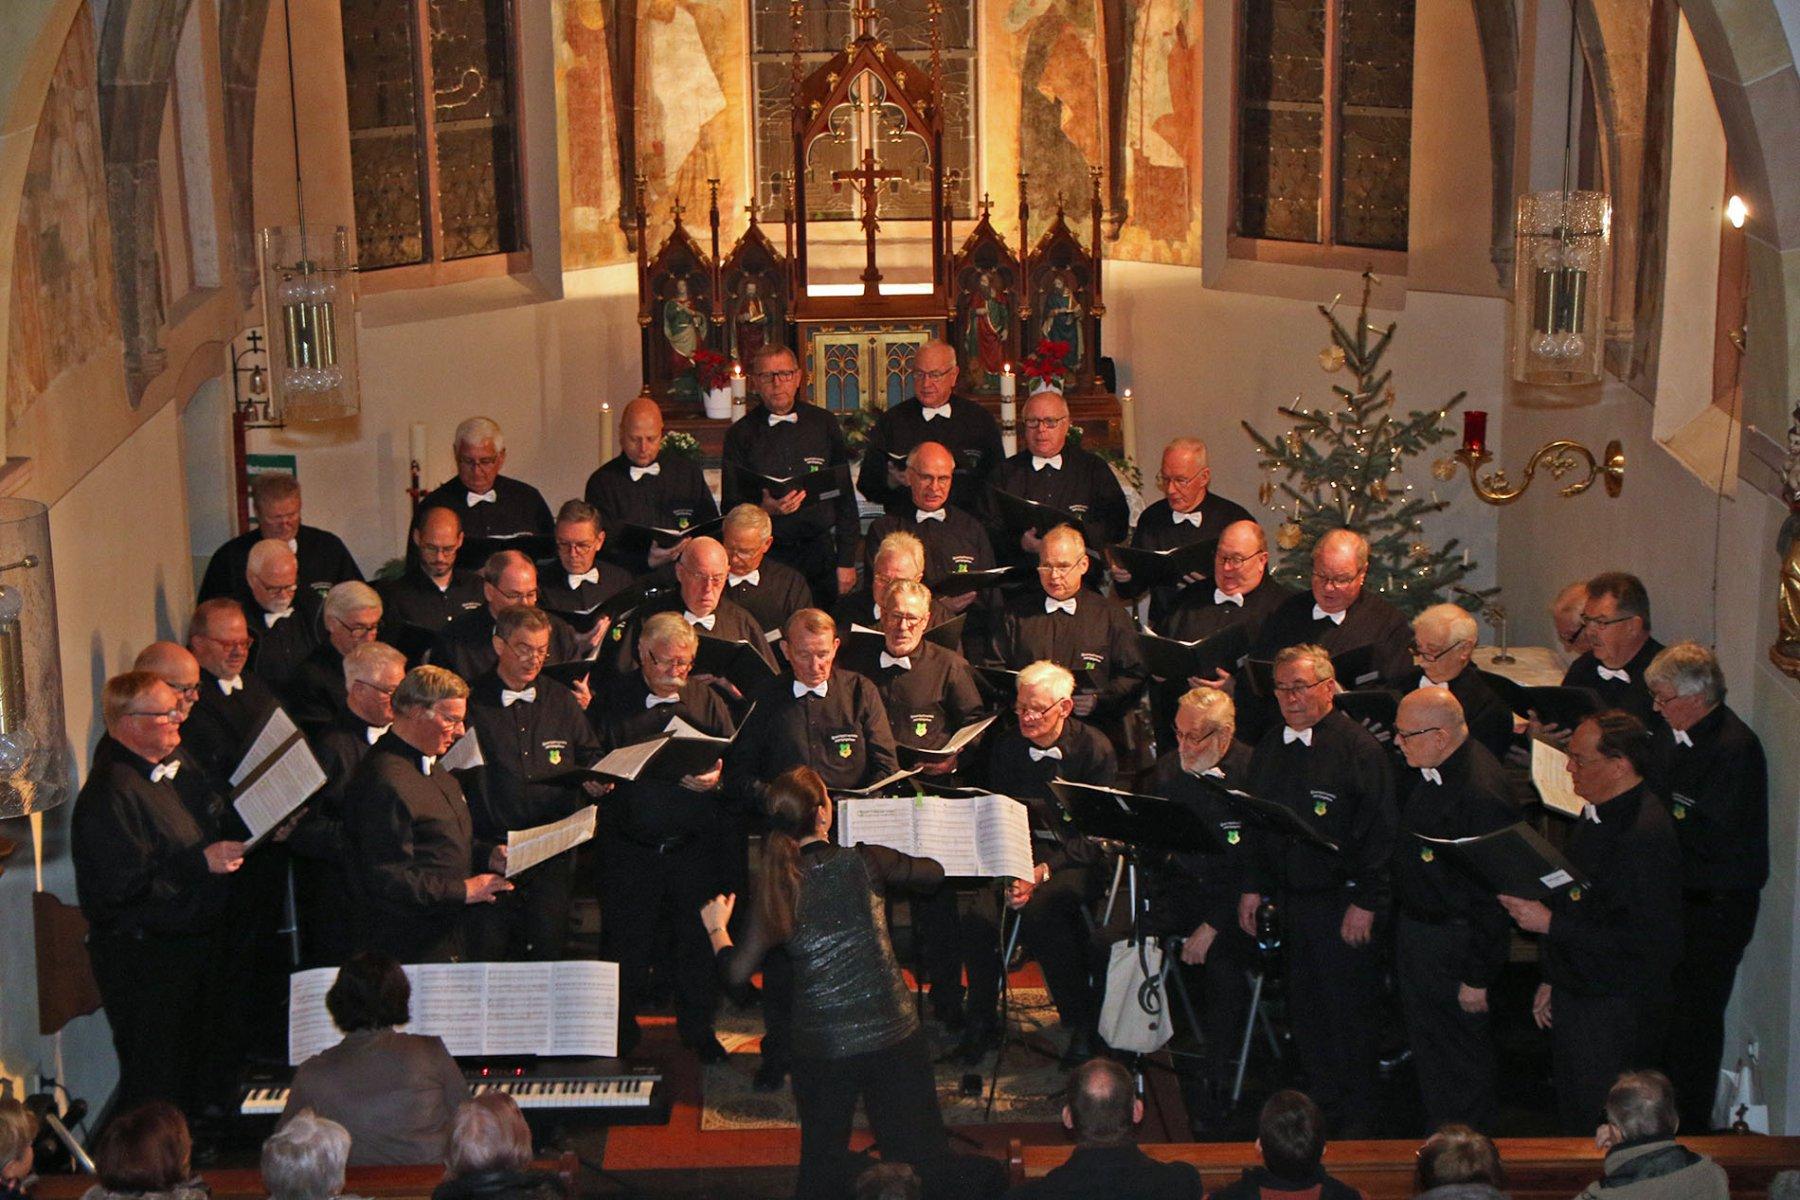 20200112_Neujahrskonzert-Kulturkirche-Elsdorf-Angelsdorf_Foto021